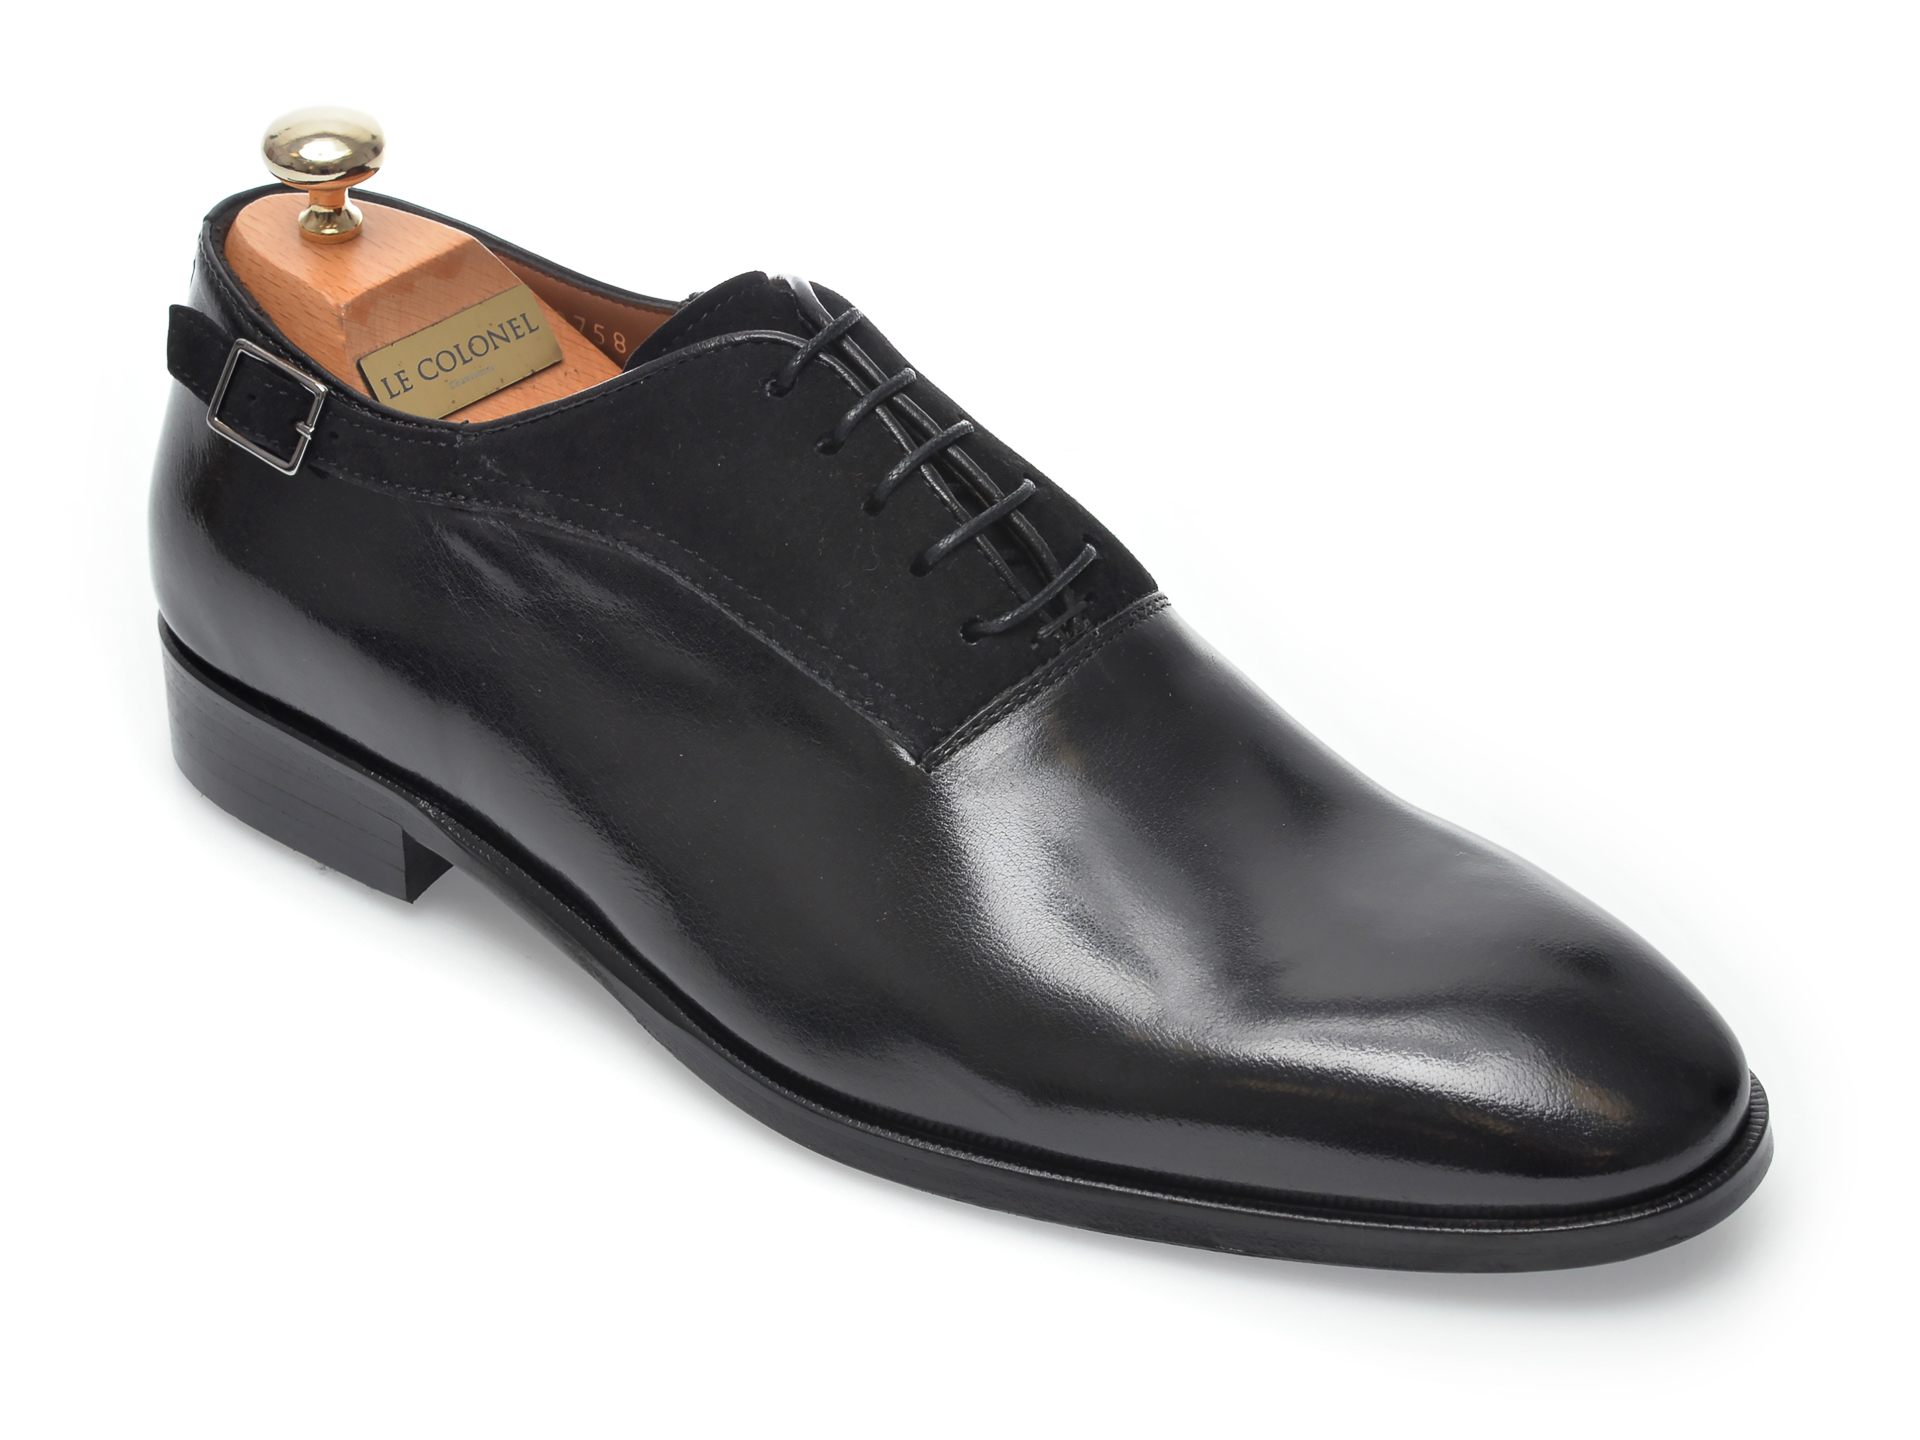 Pantofi LE COLONEL negri, 48758, din piele naturala imagine otter.ro 2021